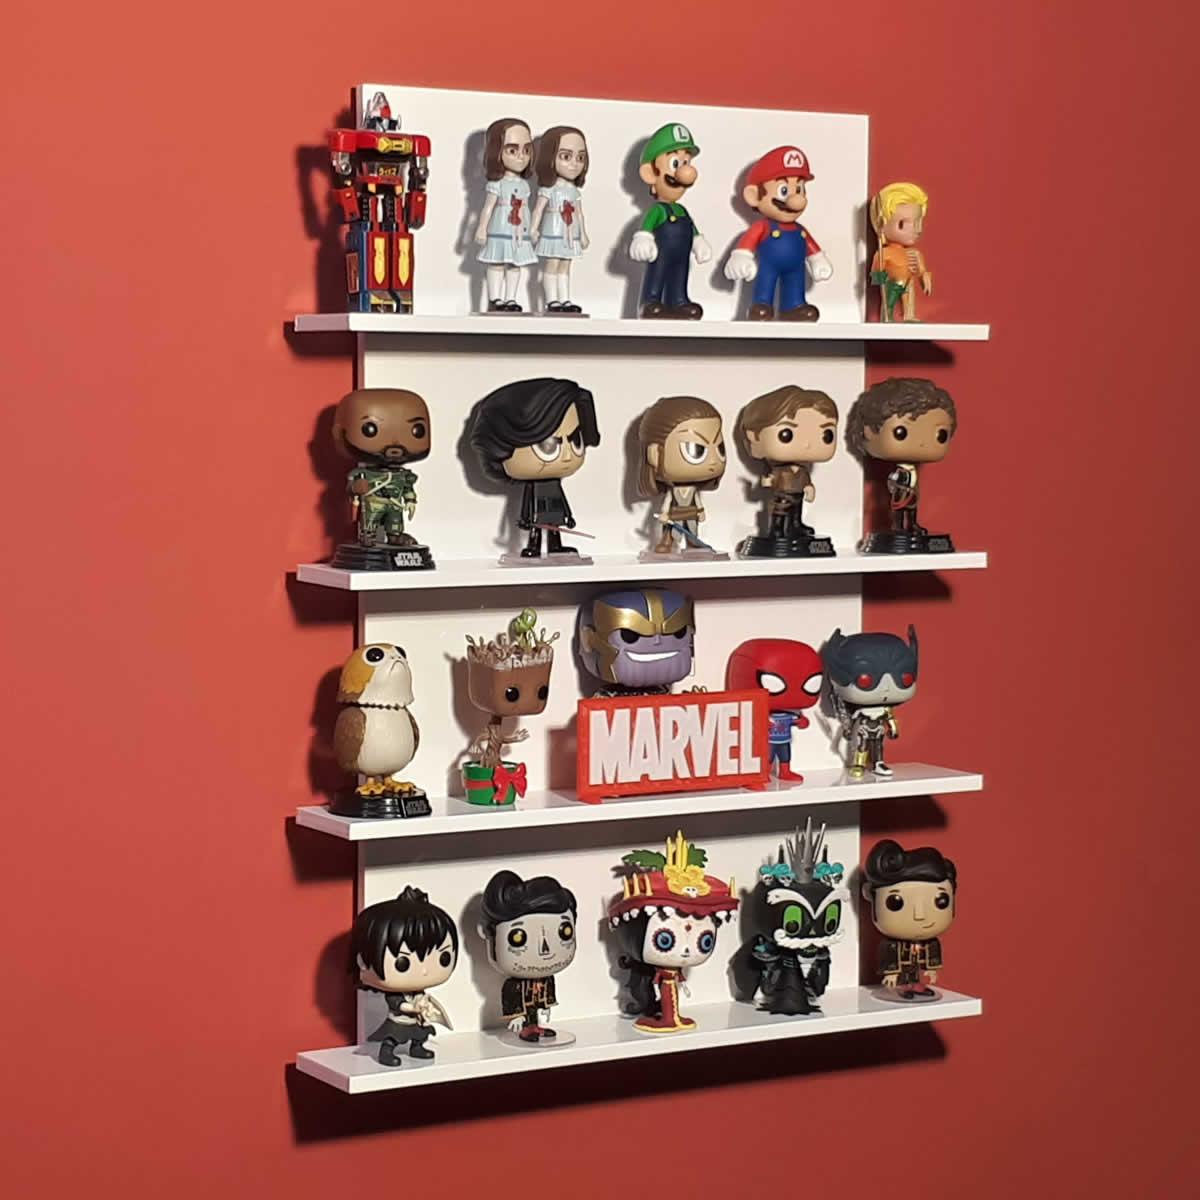 Idées de cadeaux pour un fan de Marvel Figurines Pop